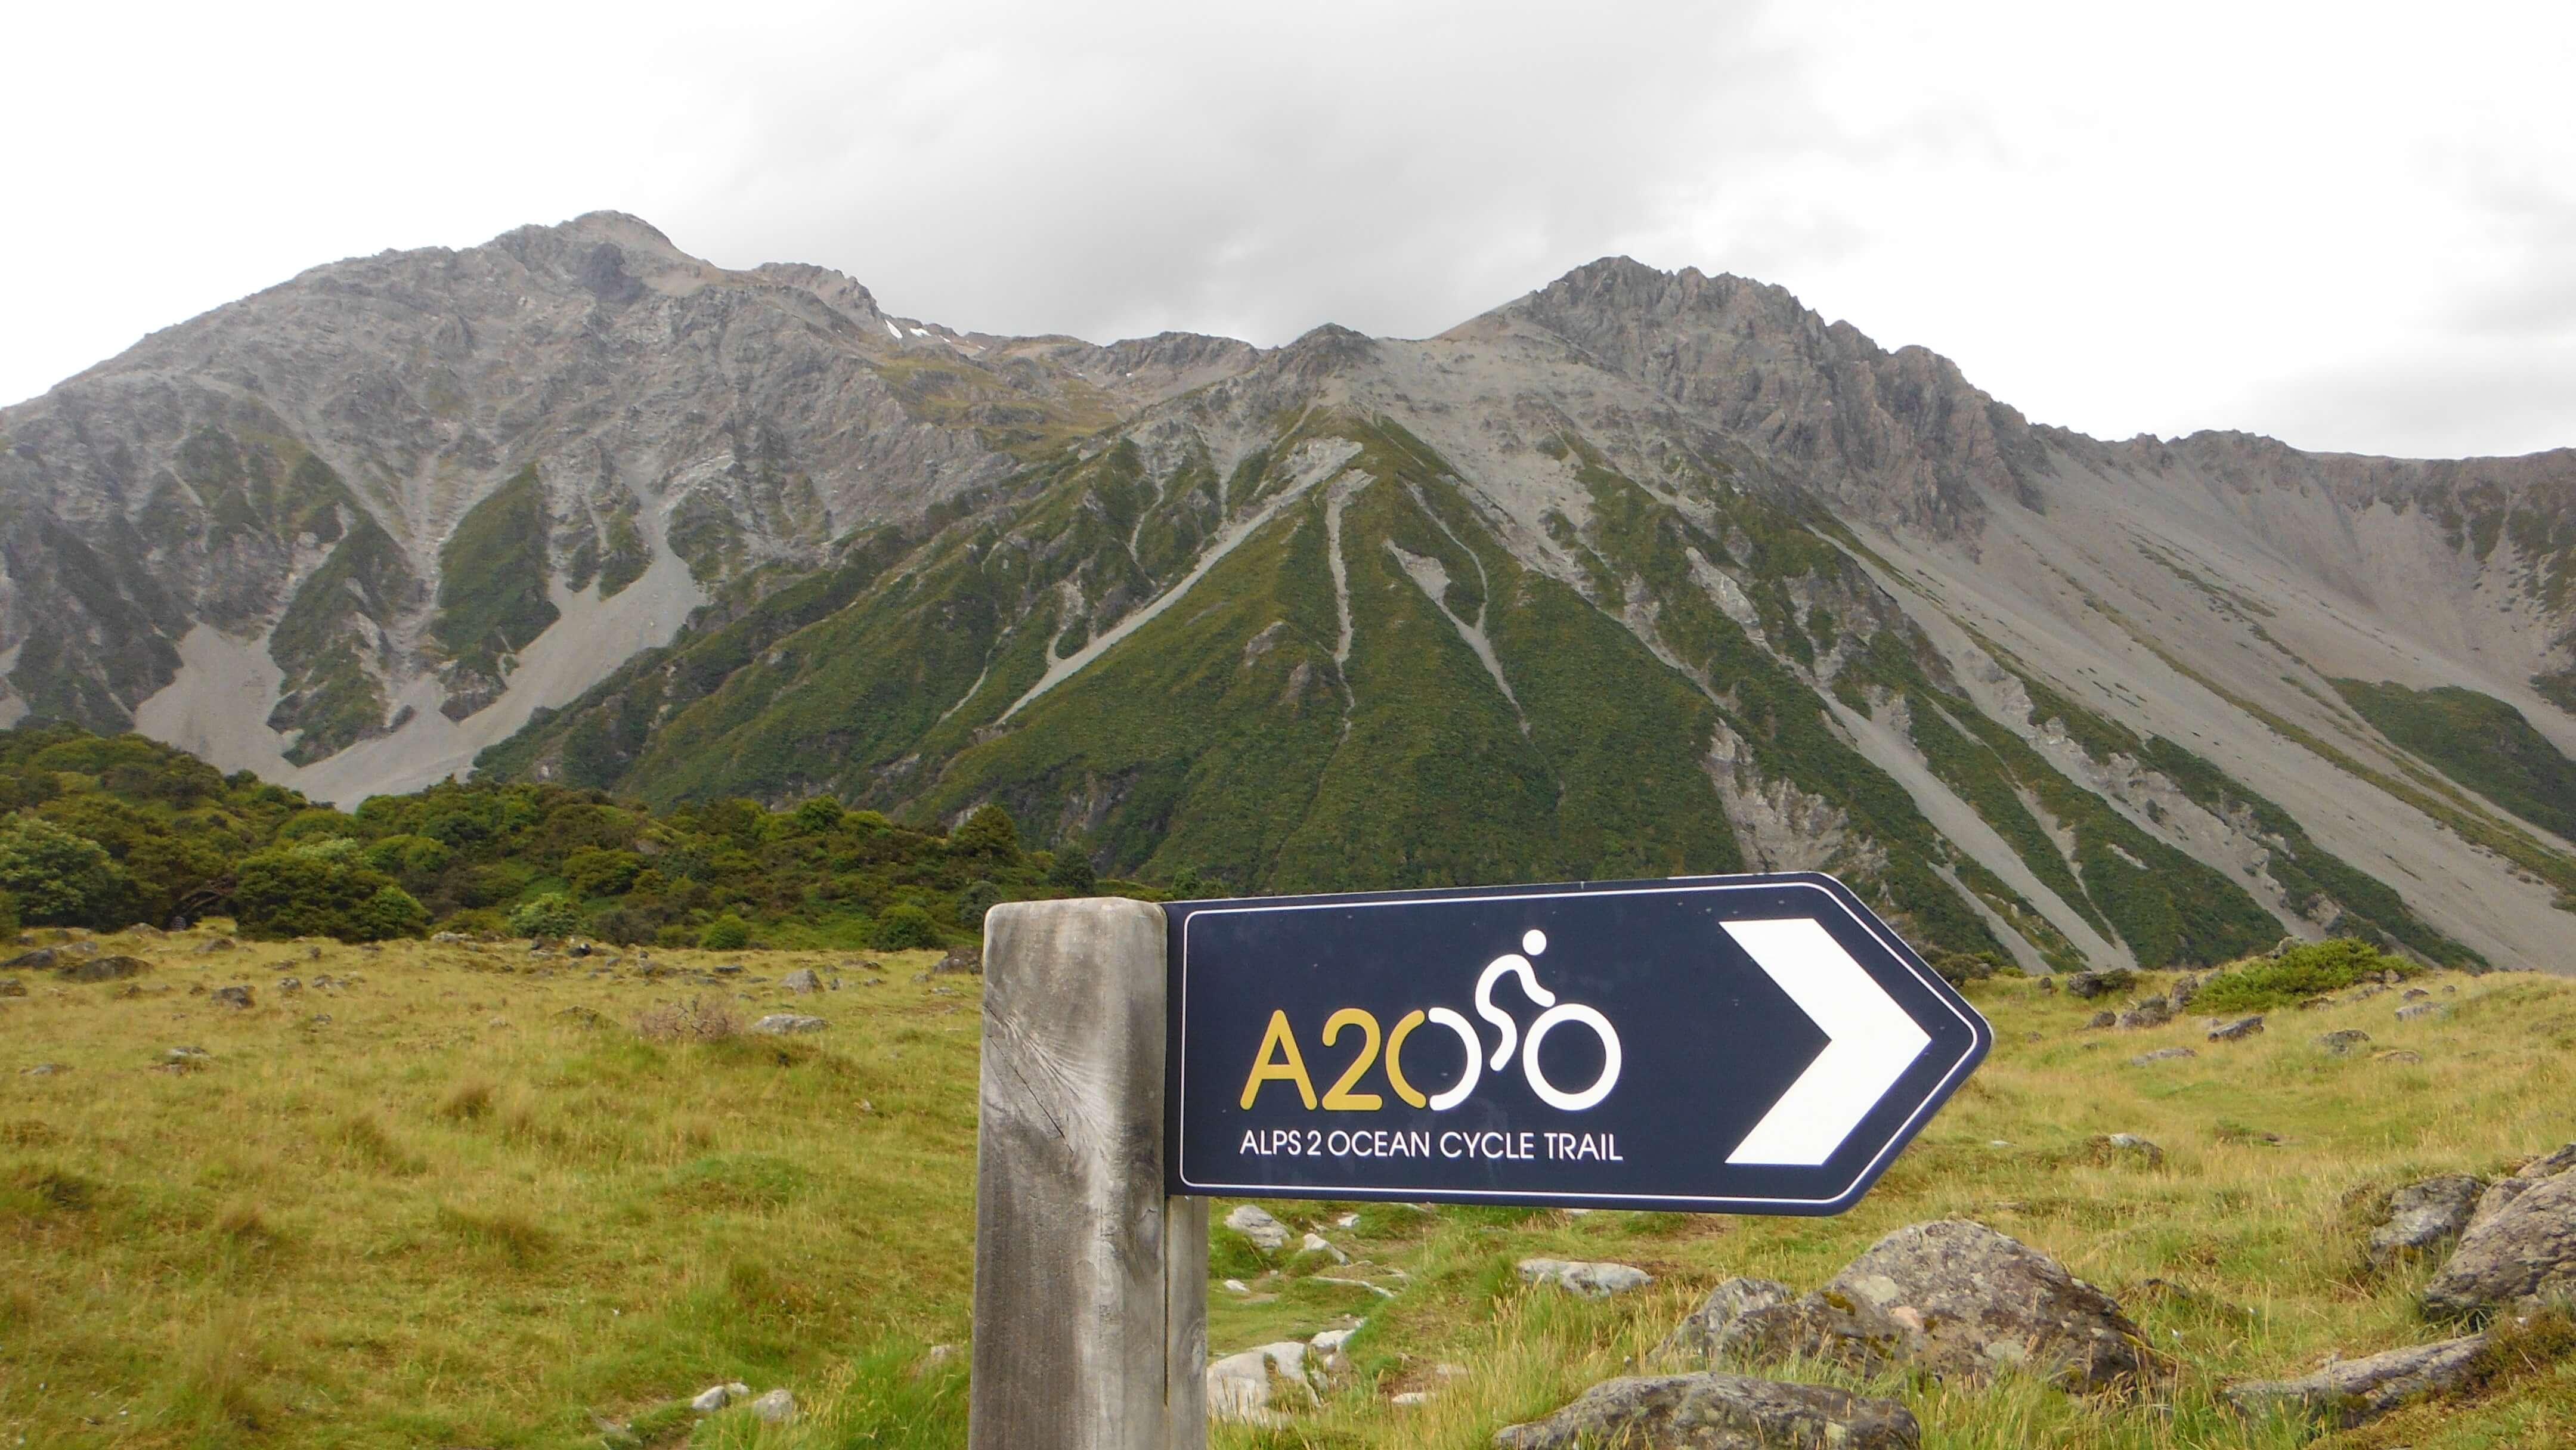 ニュージーランドの自転車トレイル ALPS 2 OCEAN